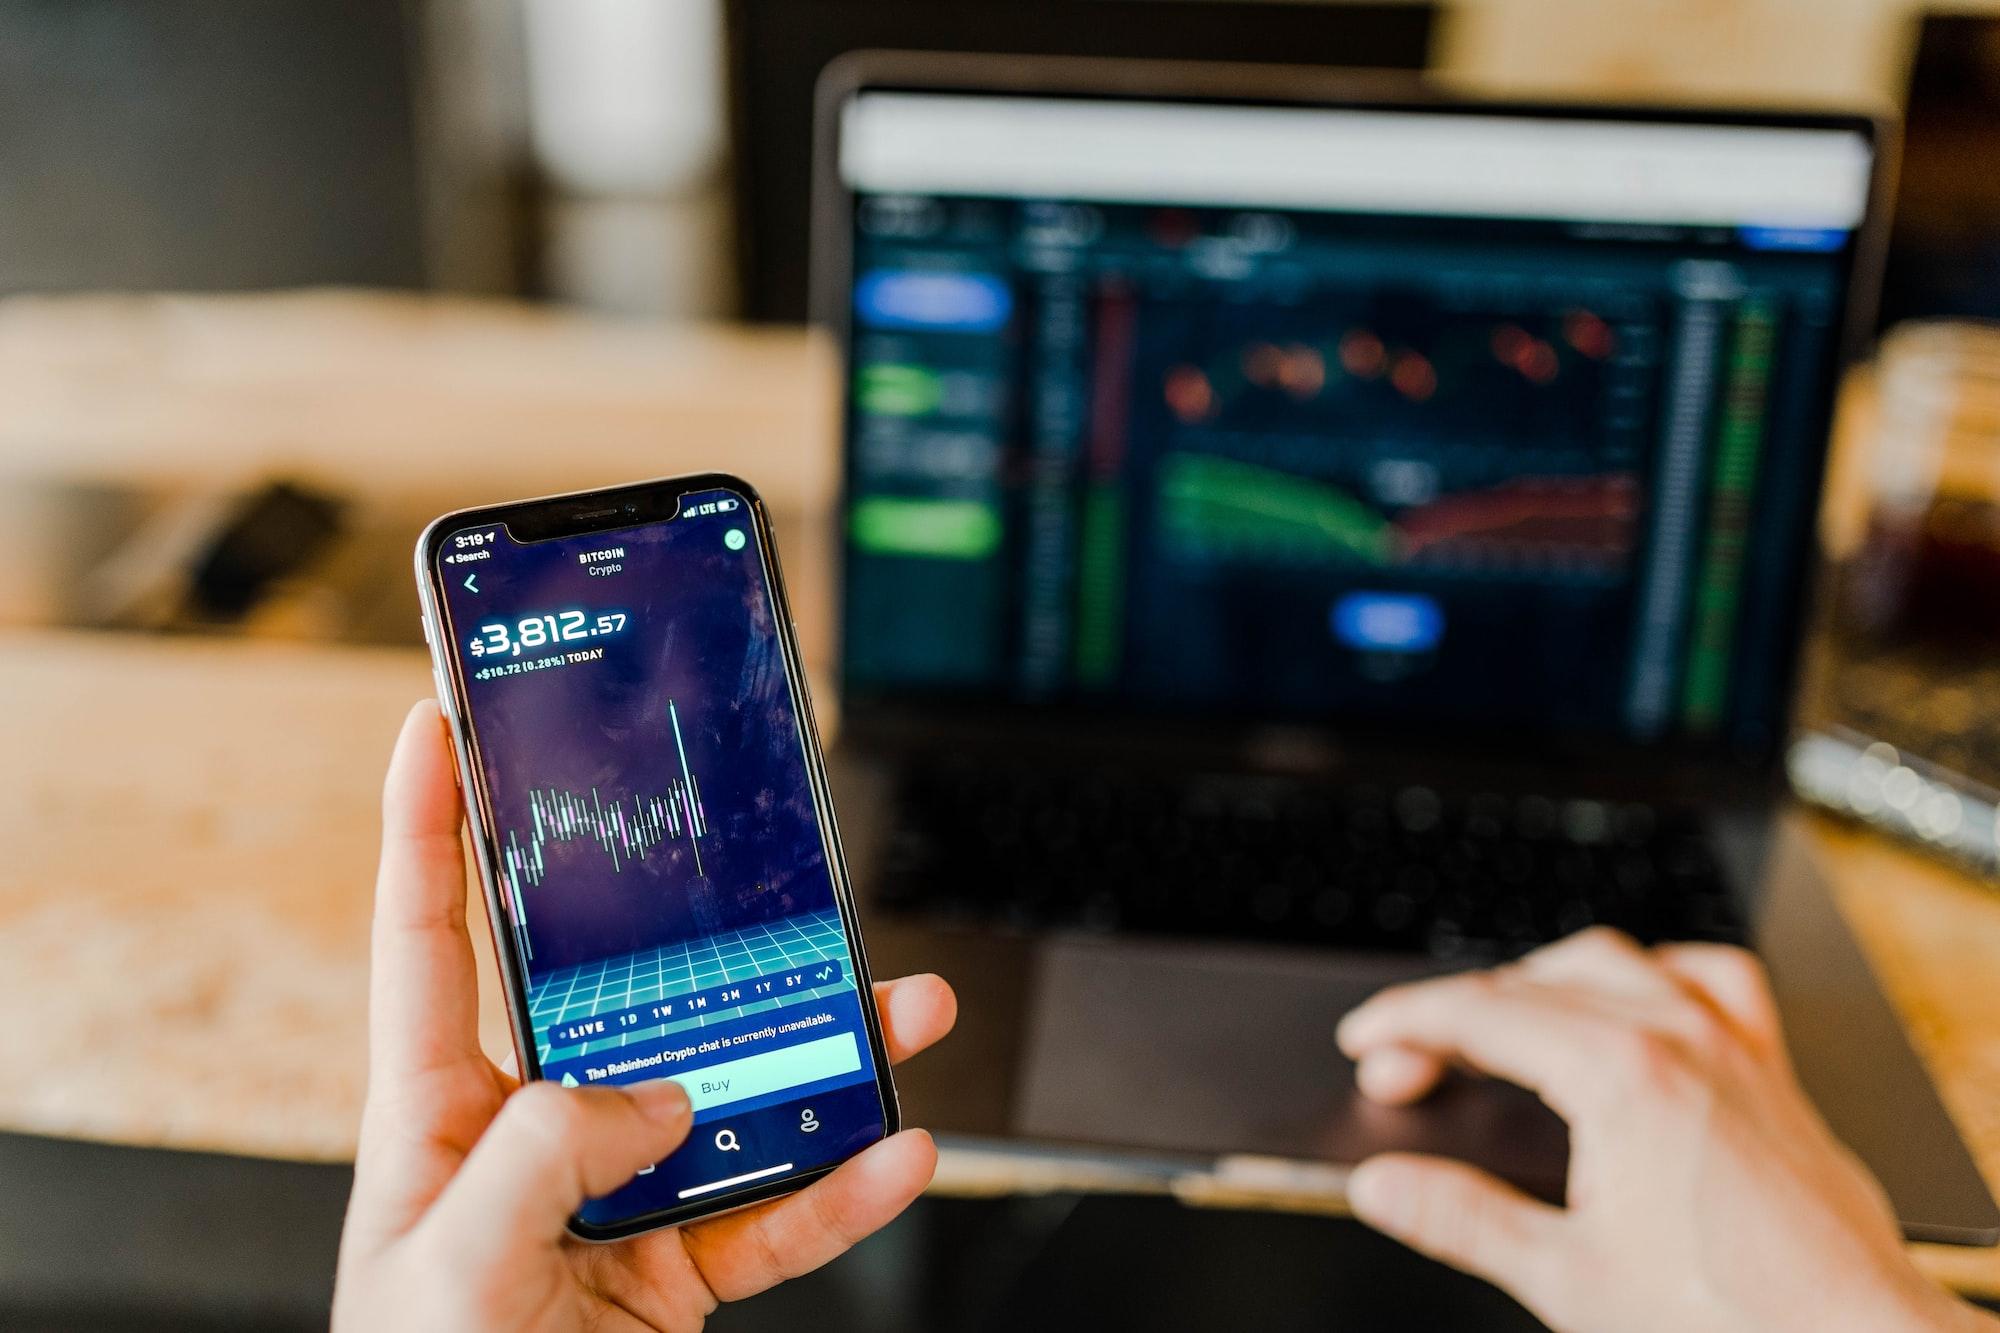 Imagem mostra um tela de investimentos ao fundo e uma mão segurando um telefone com outra tela de investimentos em primeiro plano.